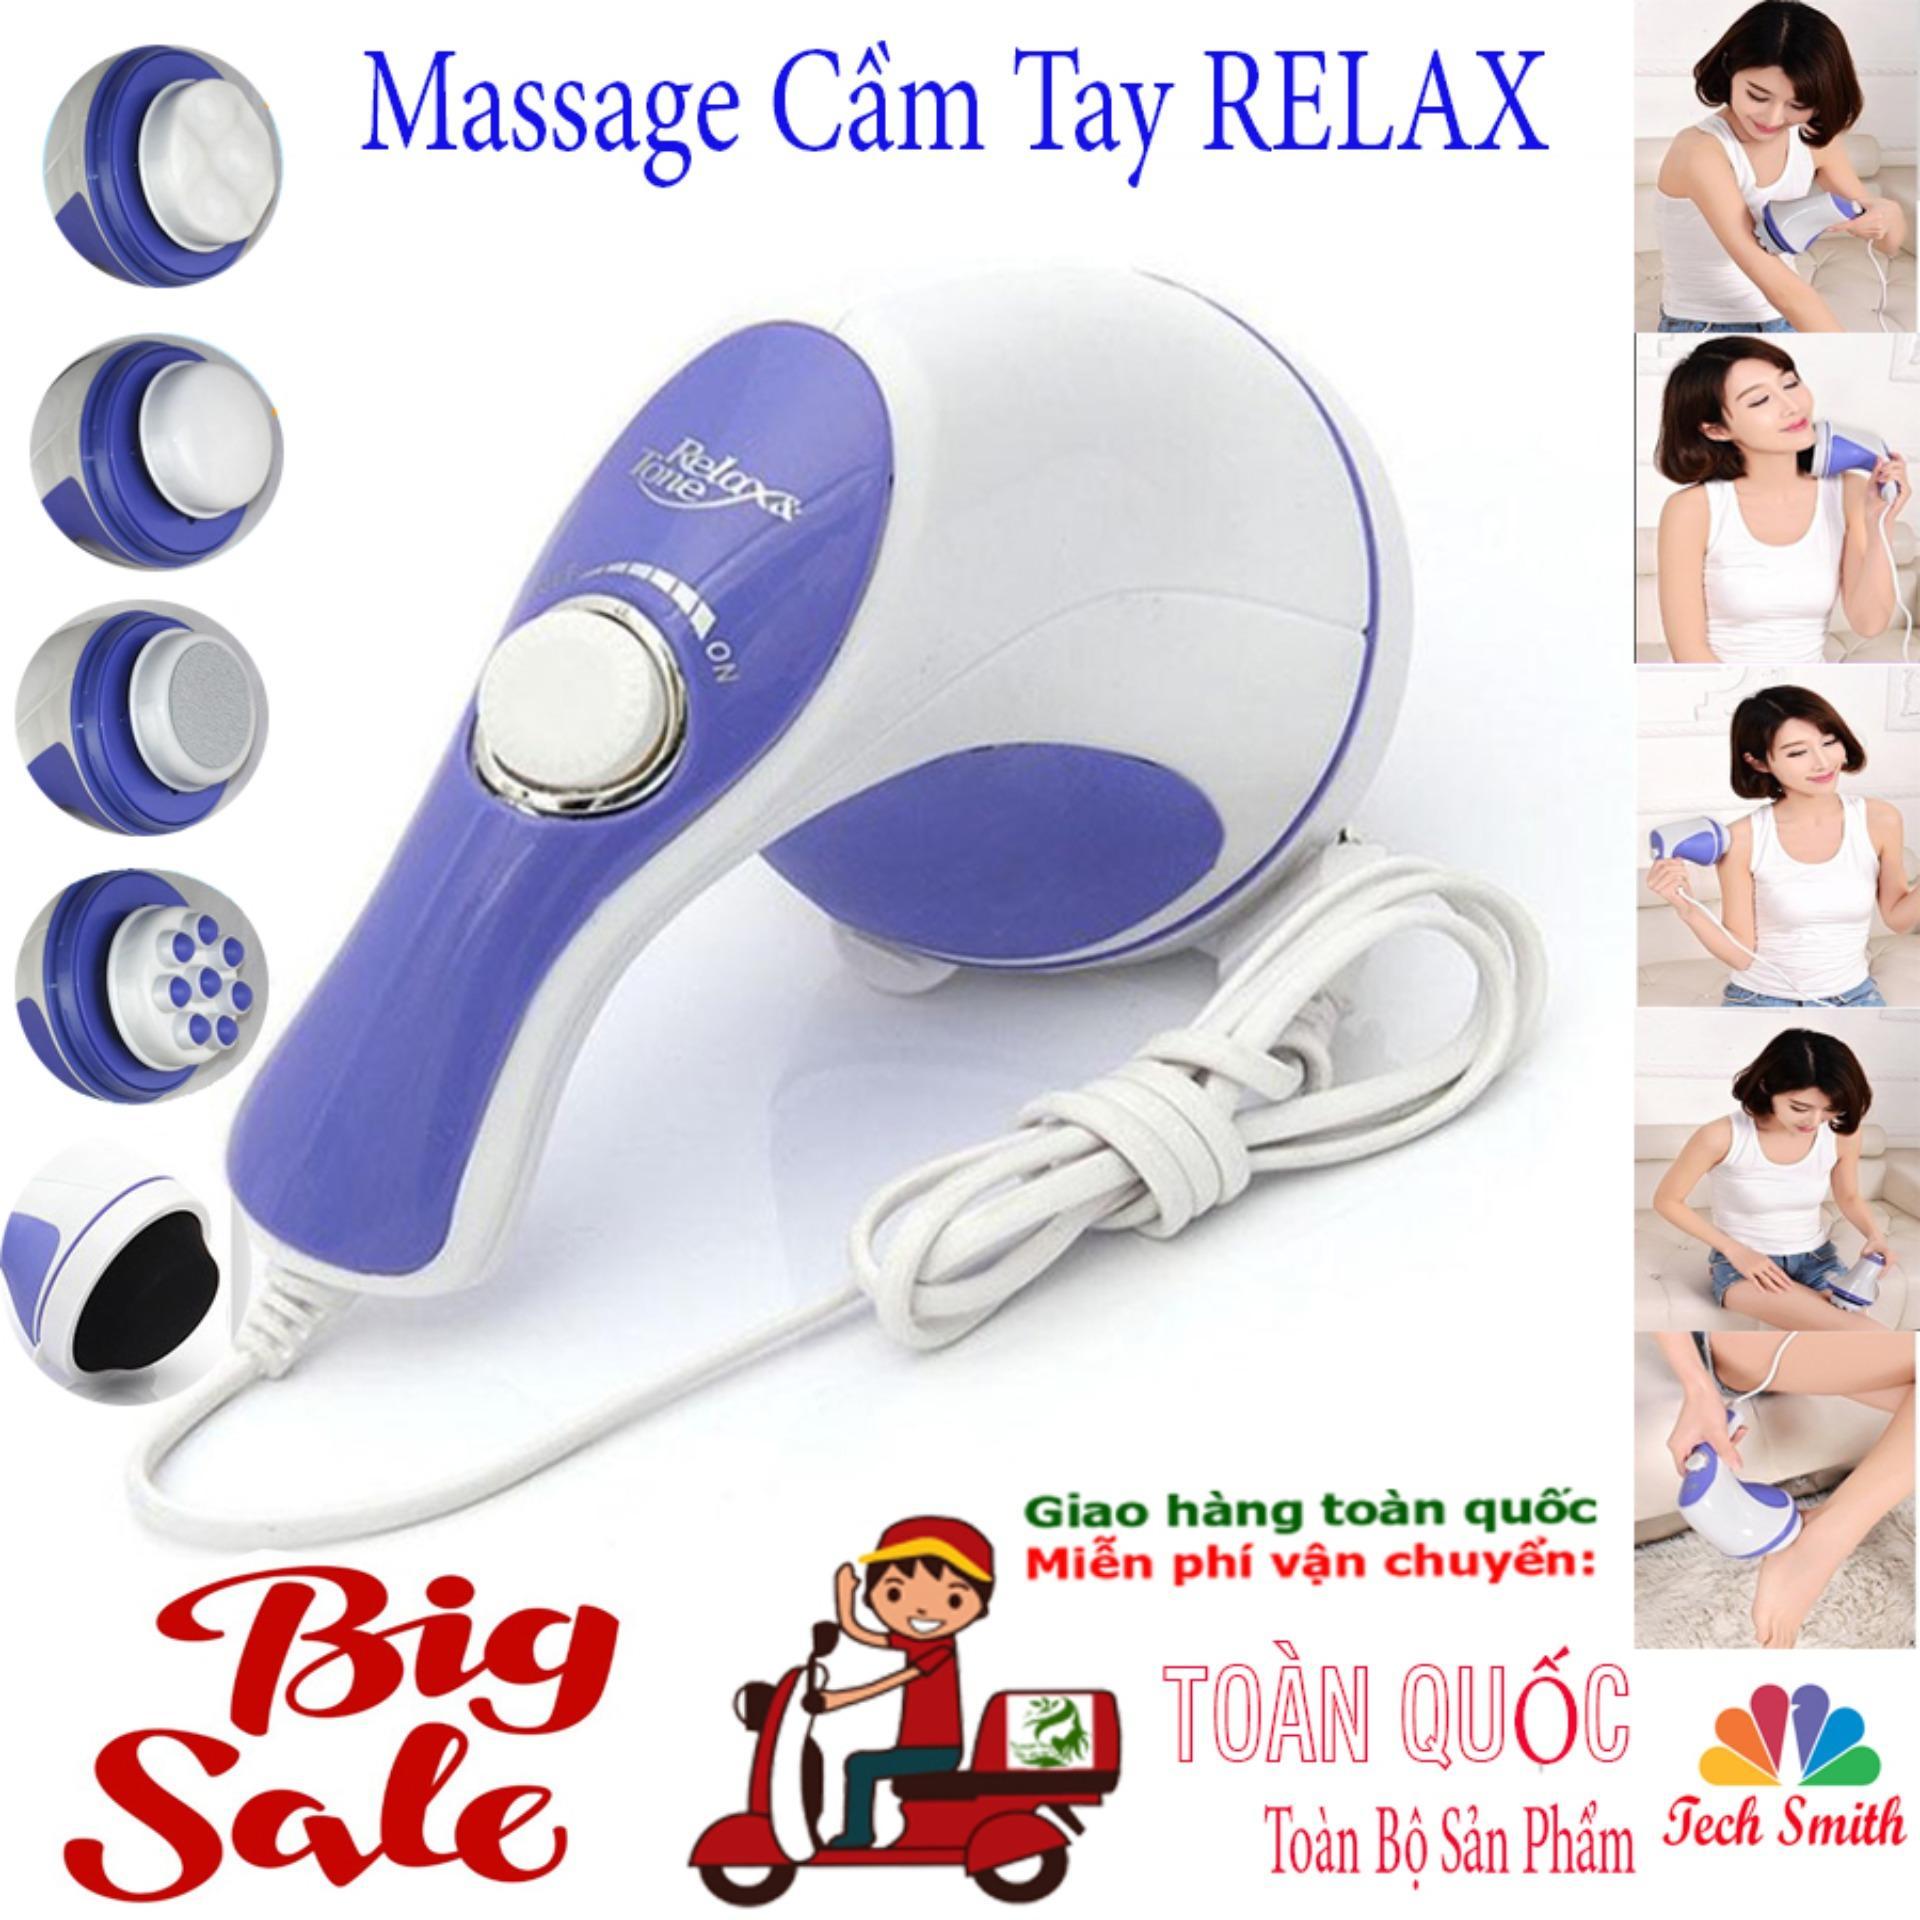 Máy Đấm Lưng Hàn Quốc_Massage Cầm Tay 5 Đầu Đánh (Relax)Cao Cấp Giá Rẻ  Chất Lượng Vượt Trội Giảm Nhức Mỏi,Xả Trest Hiệu Quả.Giá Hấp Dẫn(-50%) Bh 1 Đổi 32 Mã 049TSM3958 tốt nhất